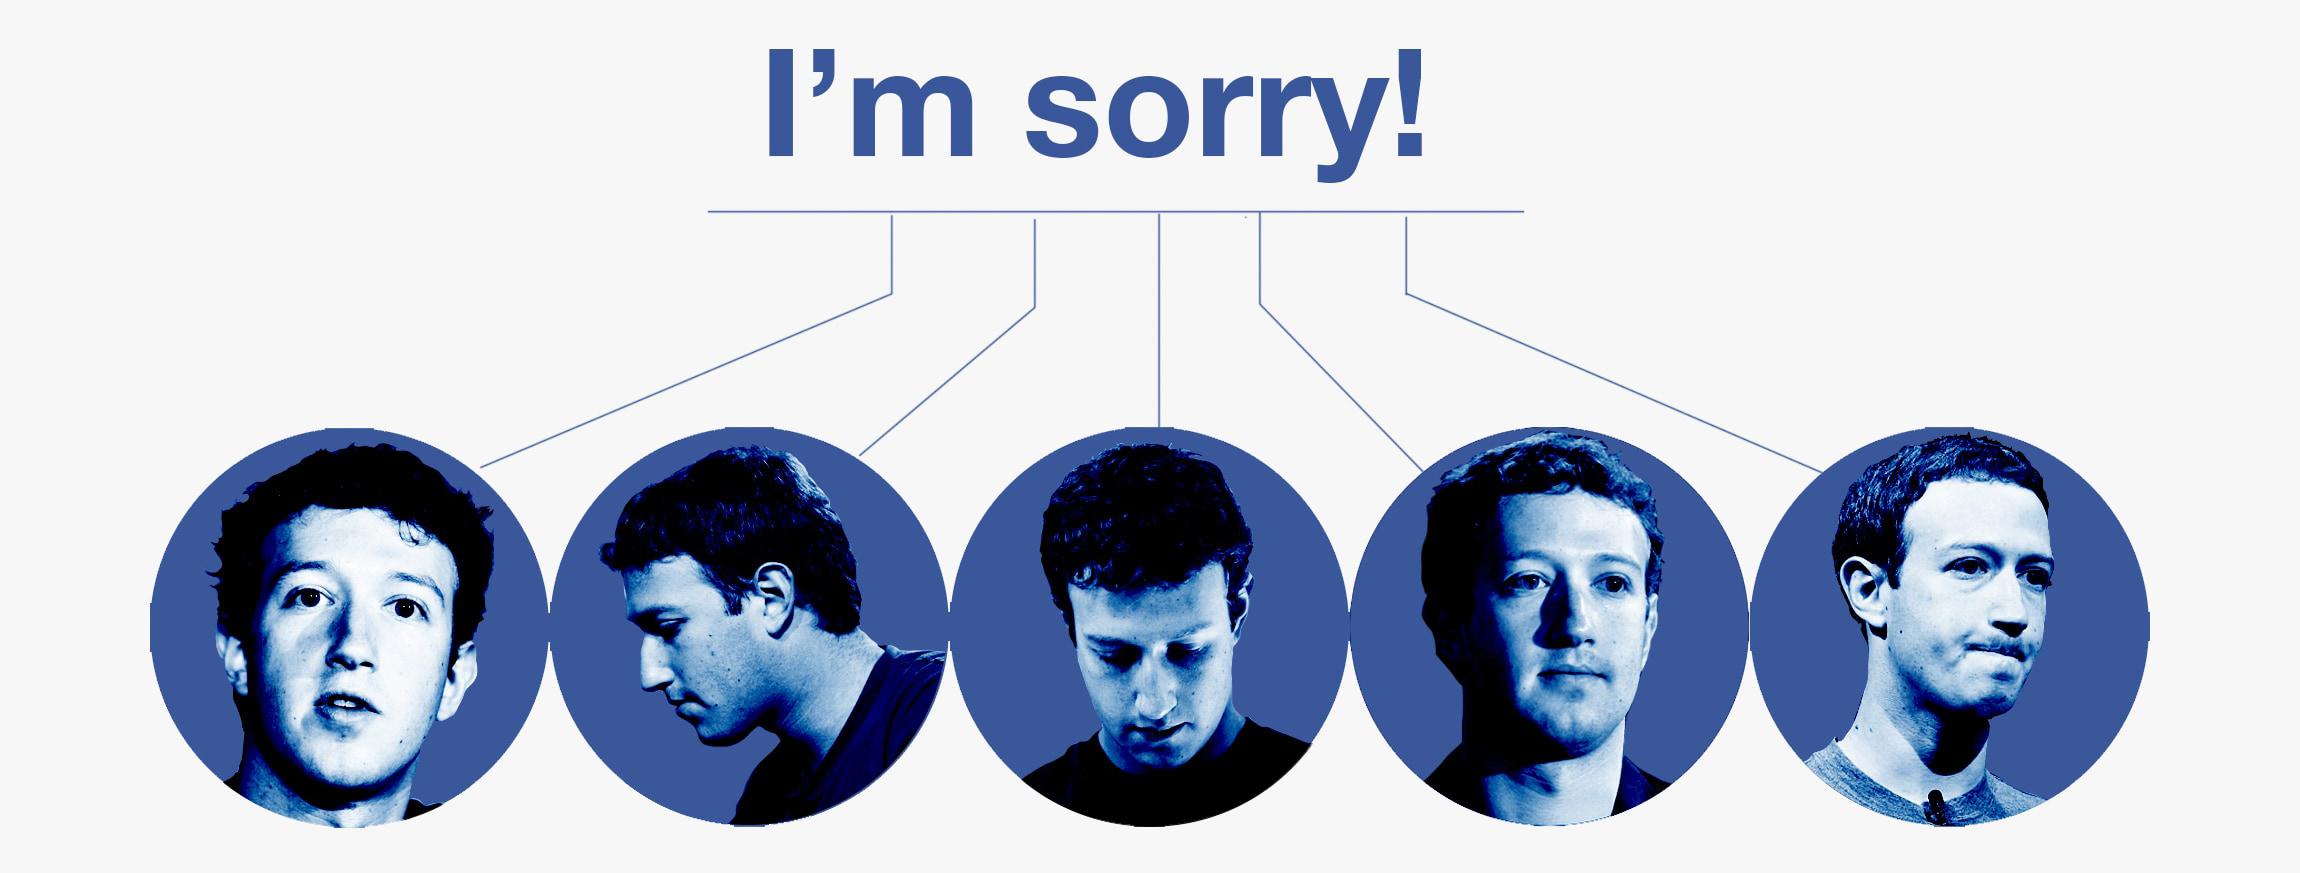 بررسی چرایی و چگونگی عذرخواهی سازمانی